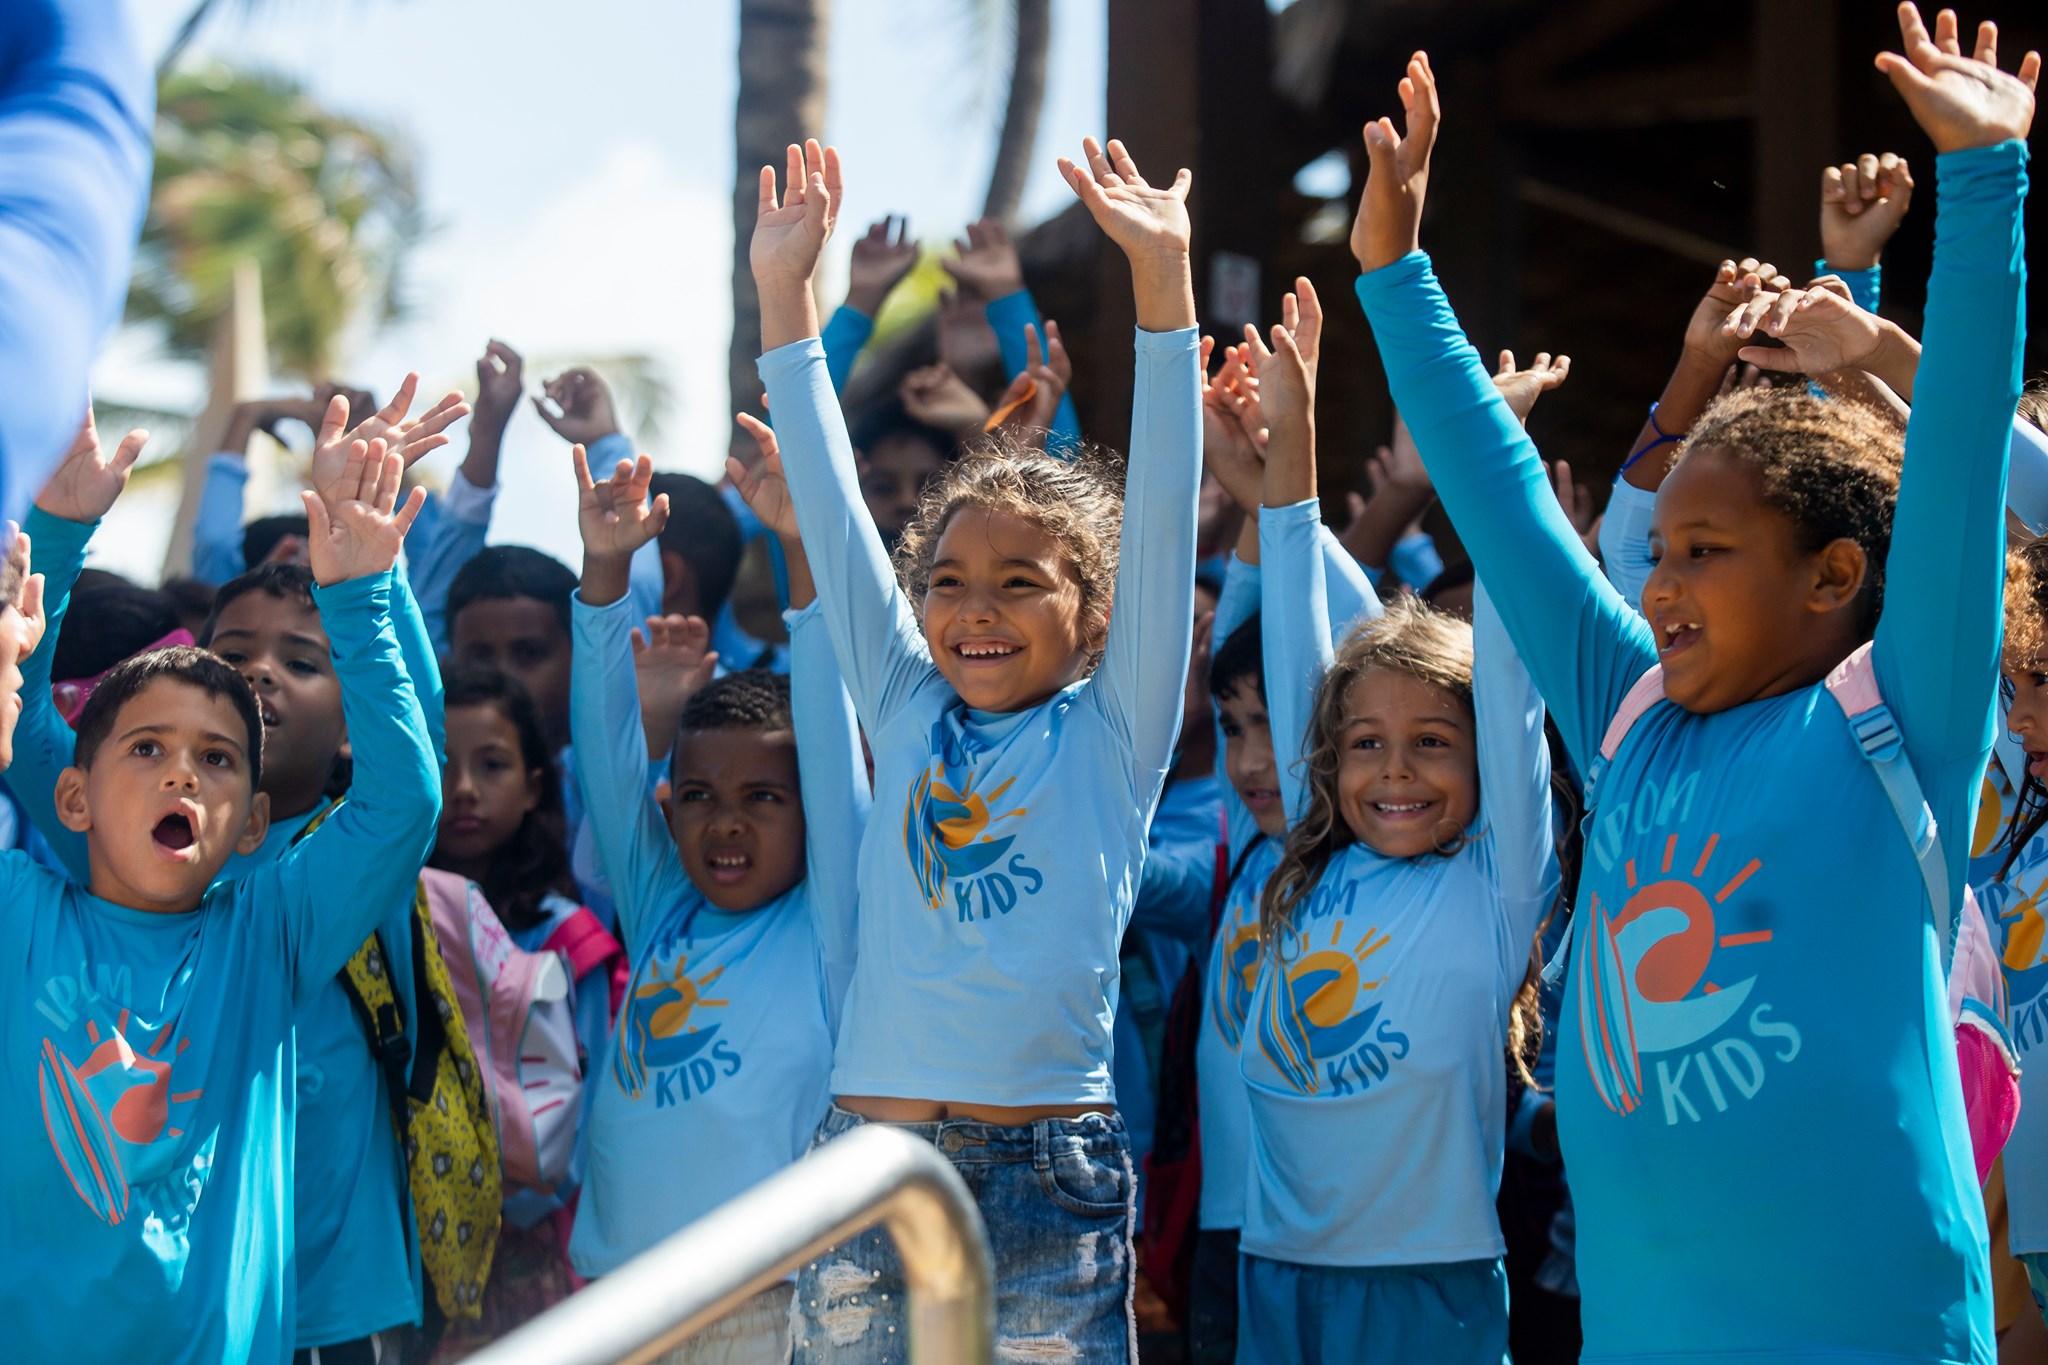 Instituto Povo do Mar promove nova edição do IPOM Kids durante o mês das crianças